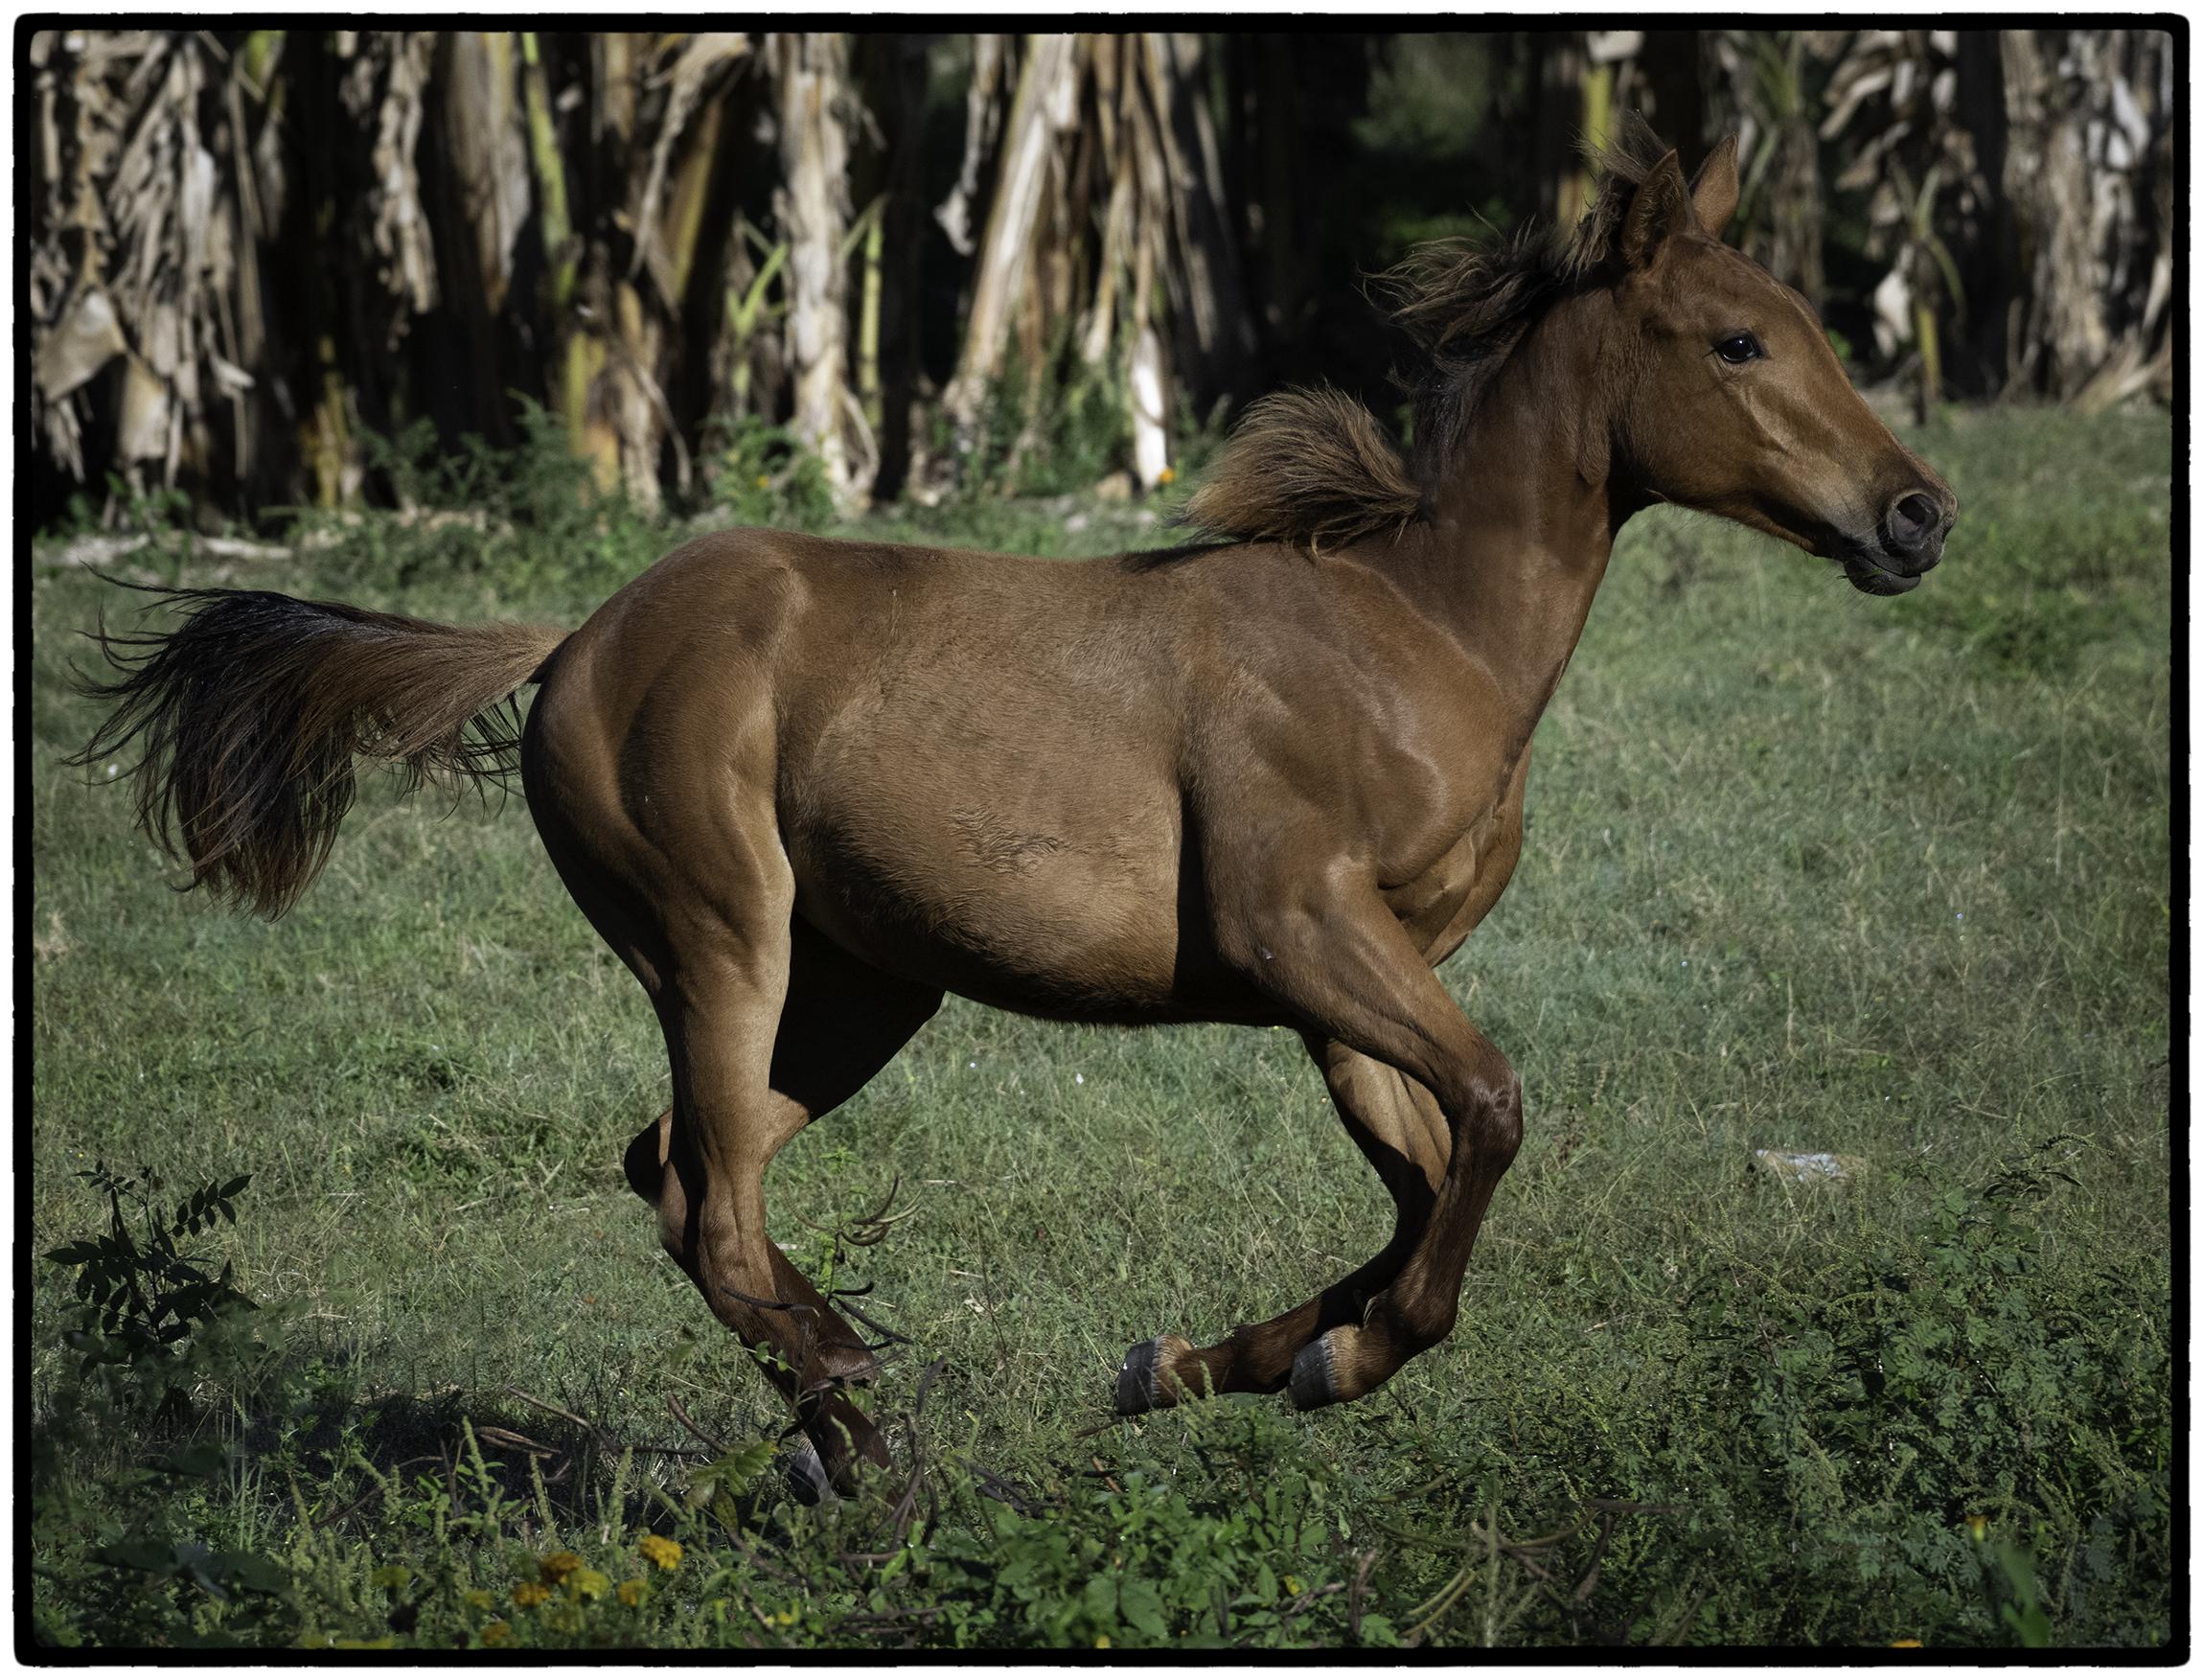 Running horse, Santa Clara, Cuba